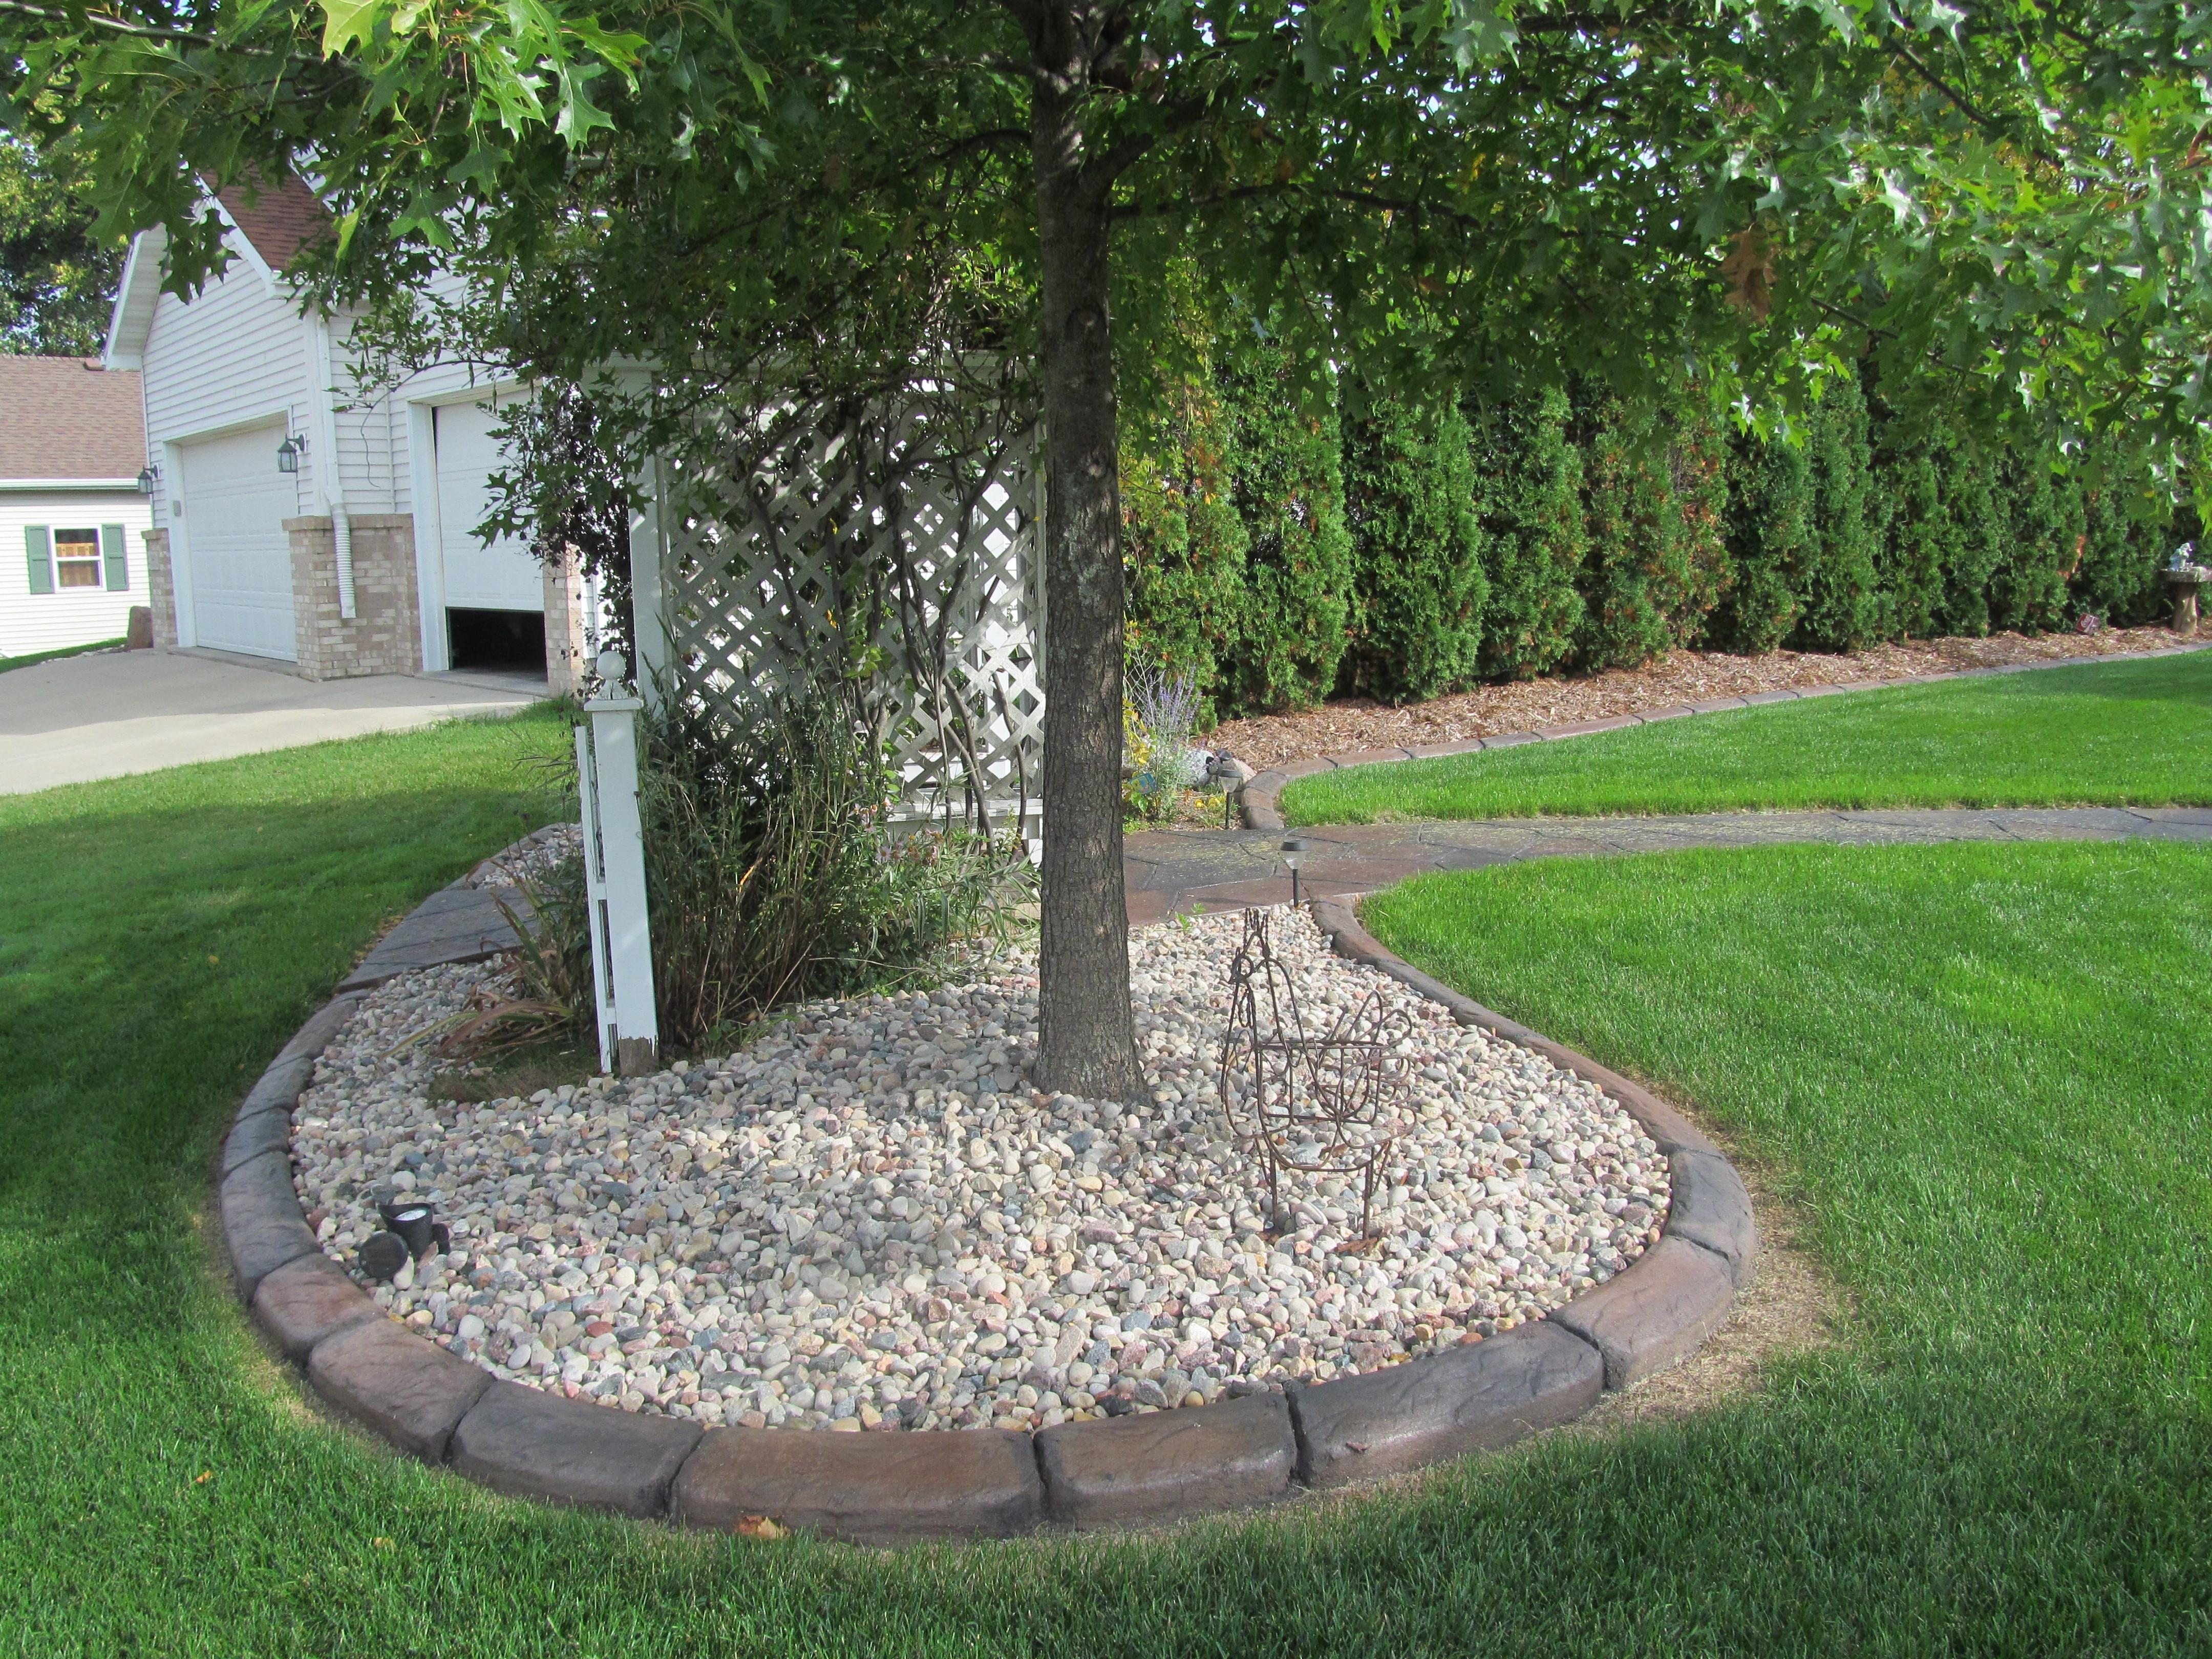 Best ideas about Concrete Landscape Curbing . Save or Pin Decorative Landscape Curbing Ideas — Bistrodre Porch and Now.